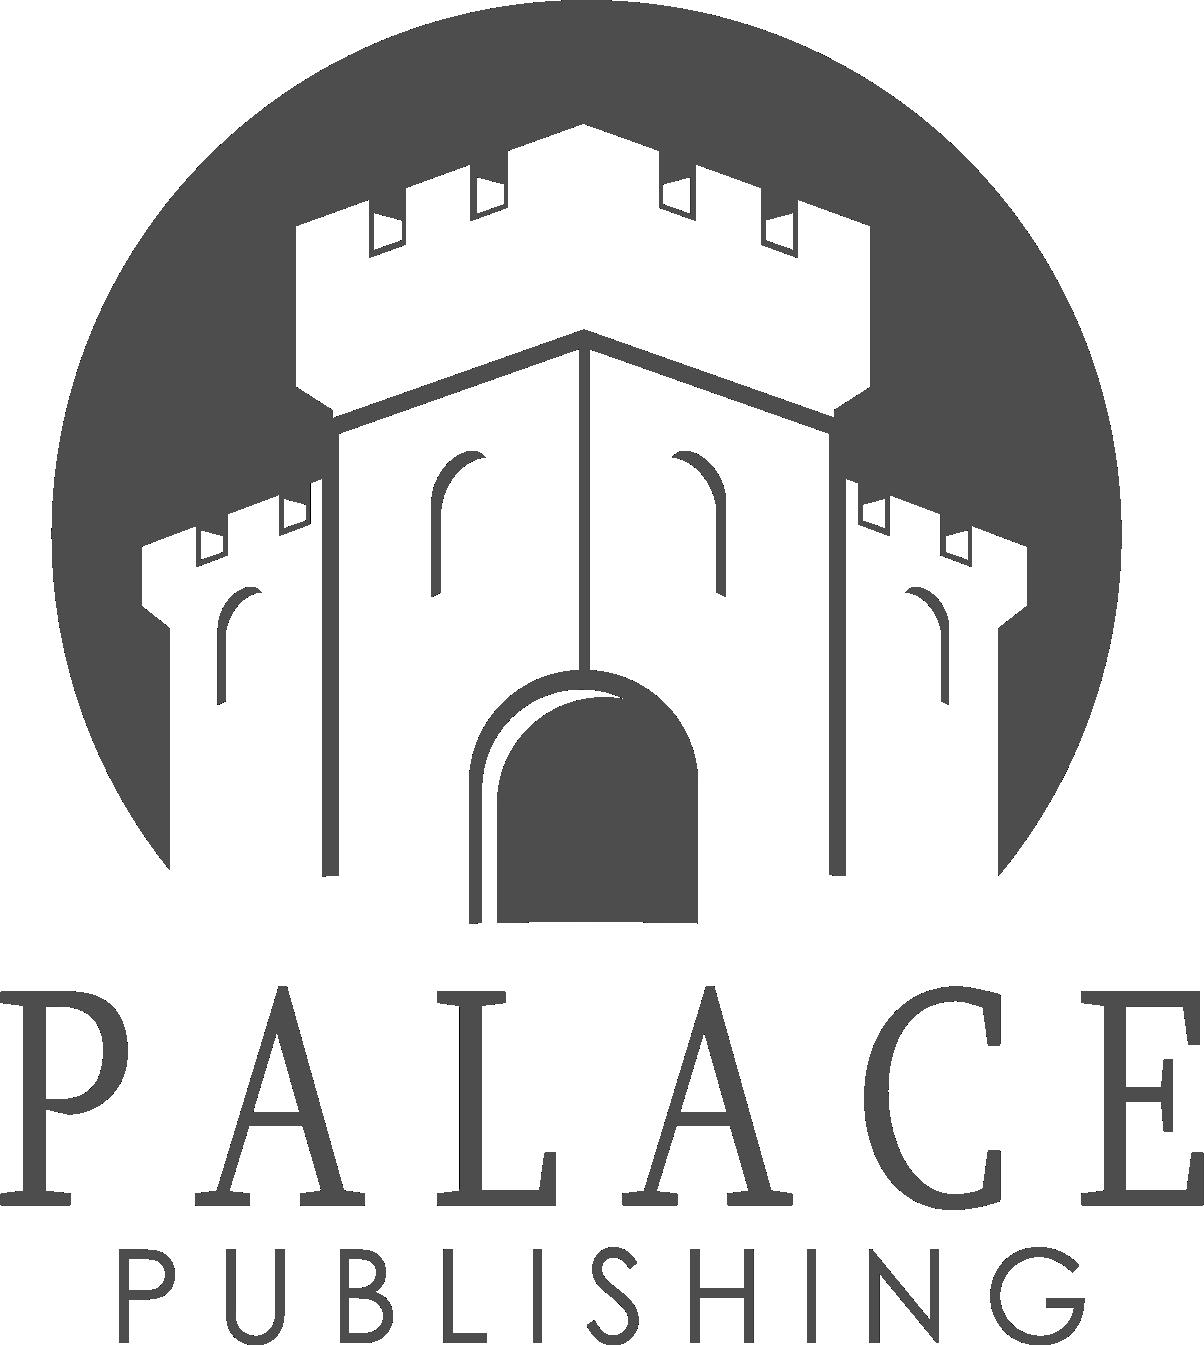 Design a logo for Palace Publishing